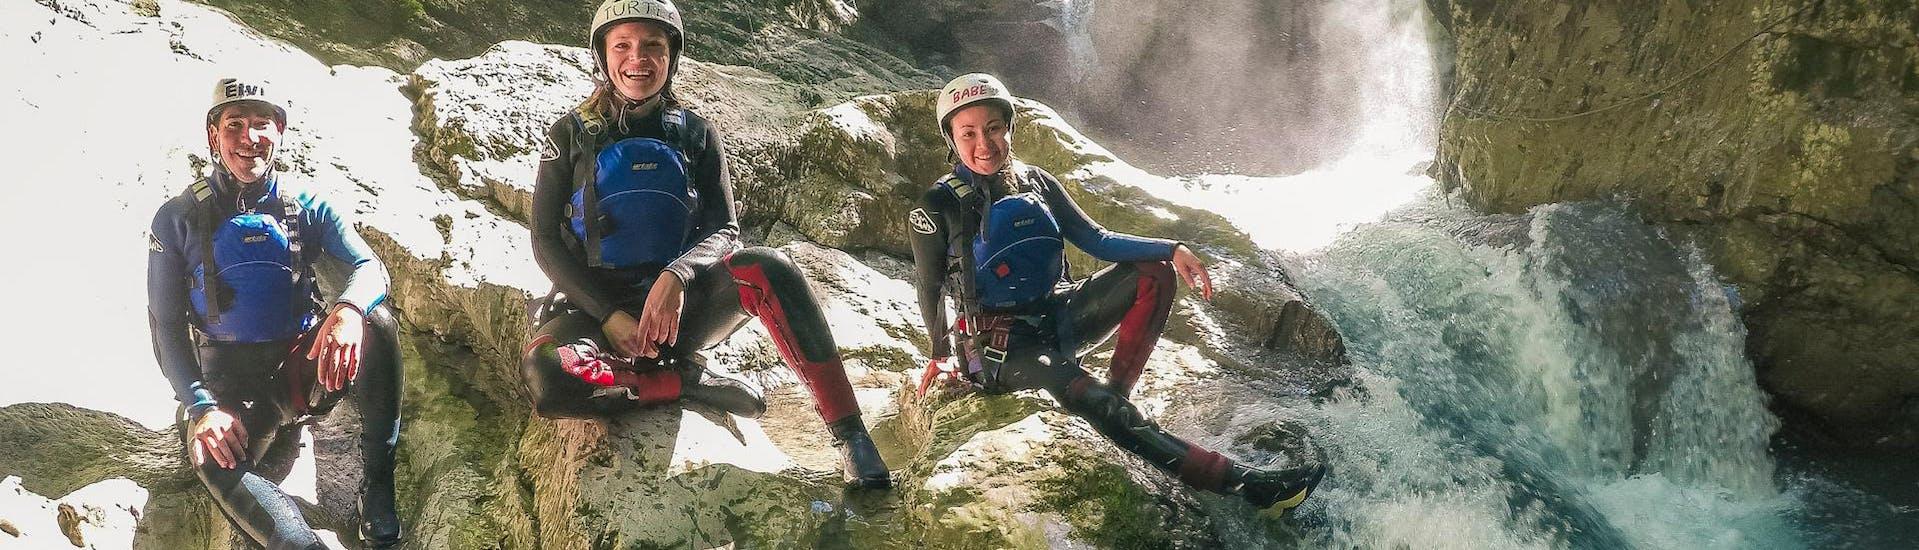 Canyoning dans le canyon de Saxetens pour Débutants avec Outdoor Interlaken - Hero image